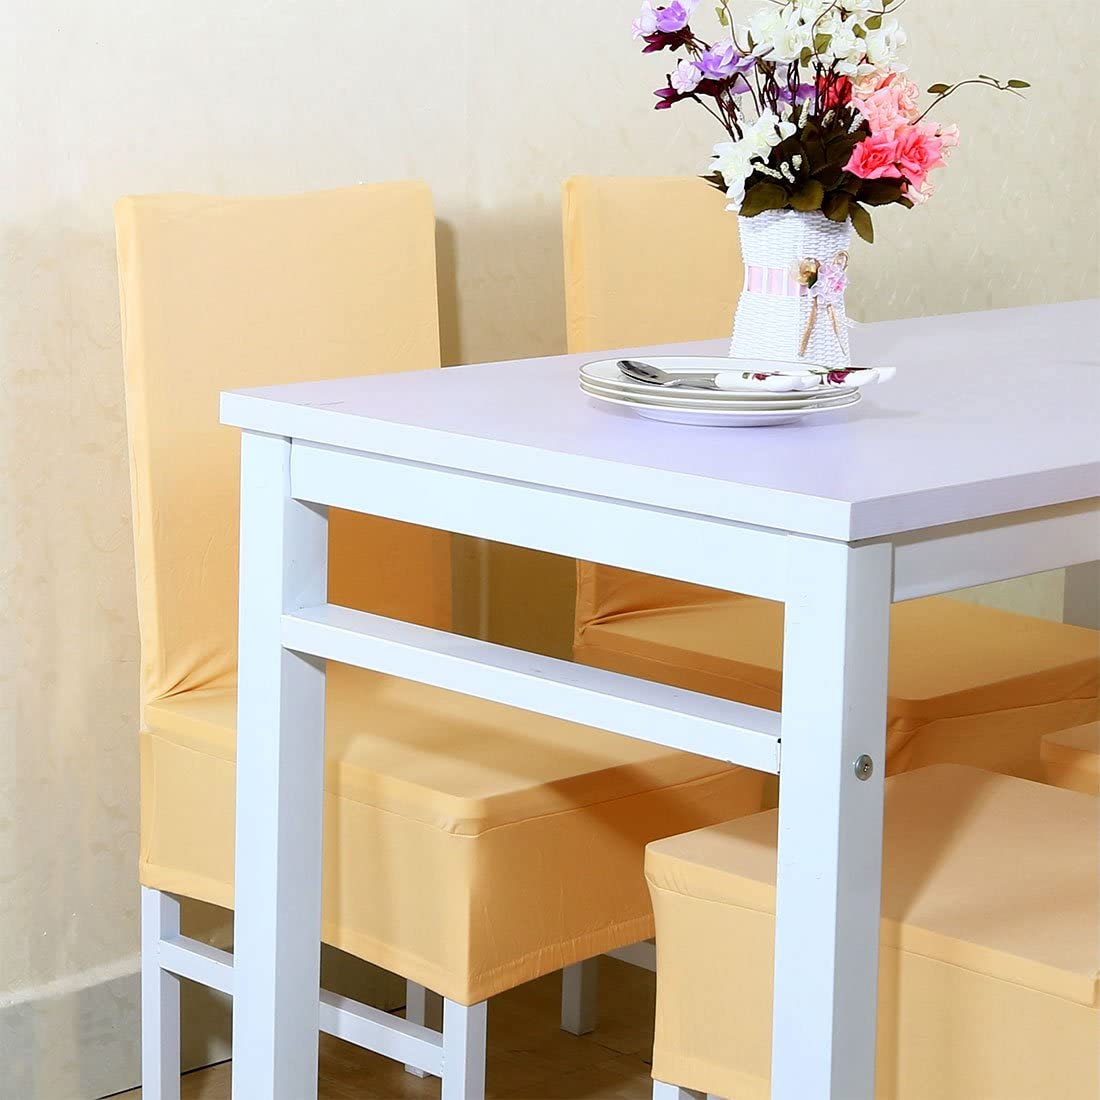 ristoranti feste e decorazioni; colori in tinta unita Brown in elastam; per hotel cucine Maikehome Rivestimento elastico per sedia da pranzo matrimoni